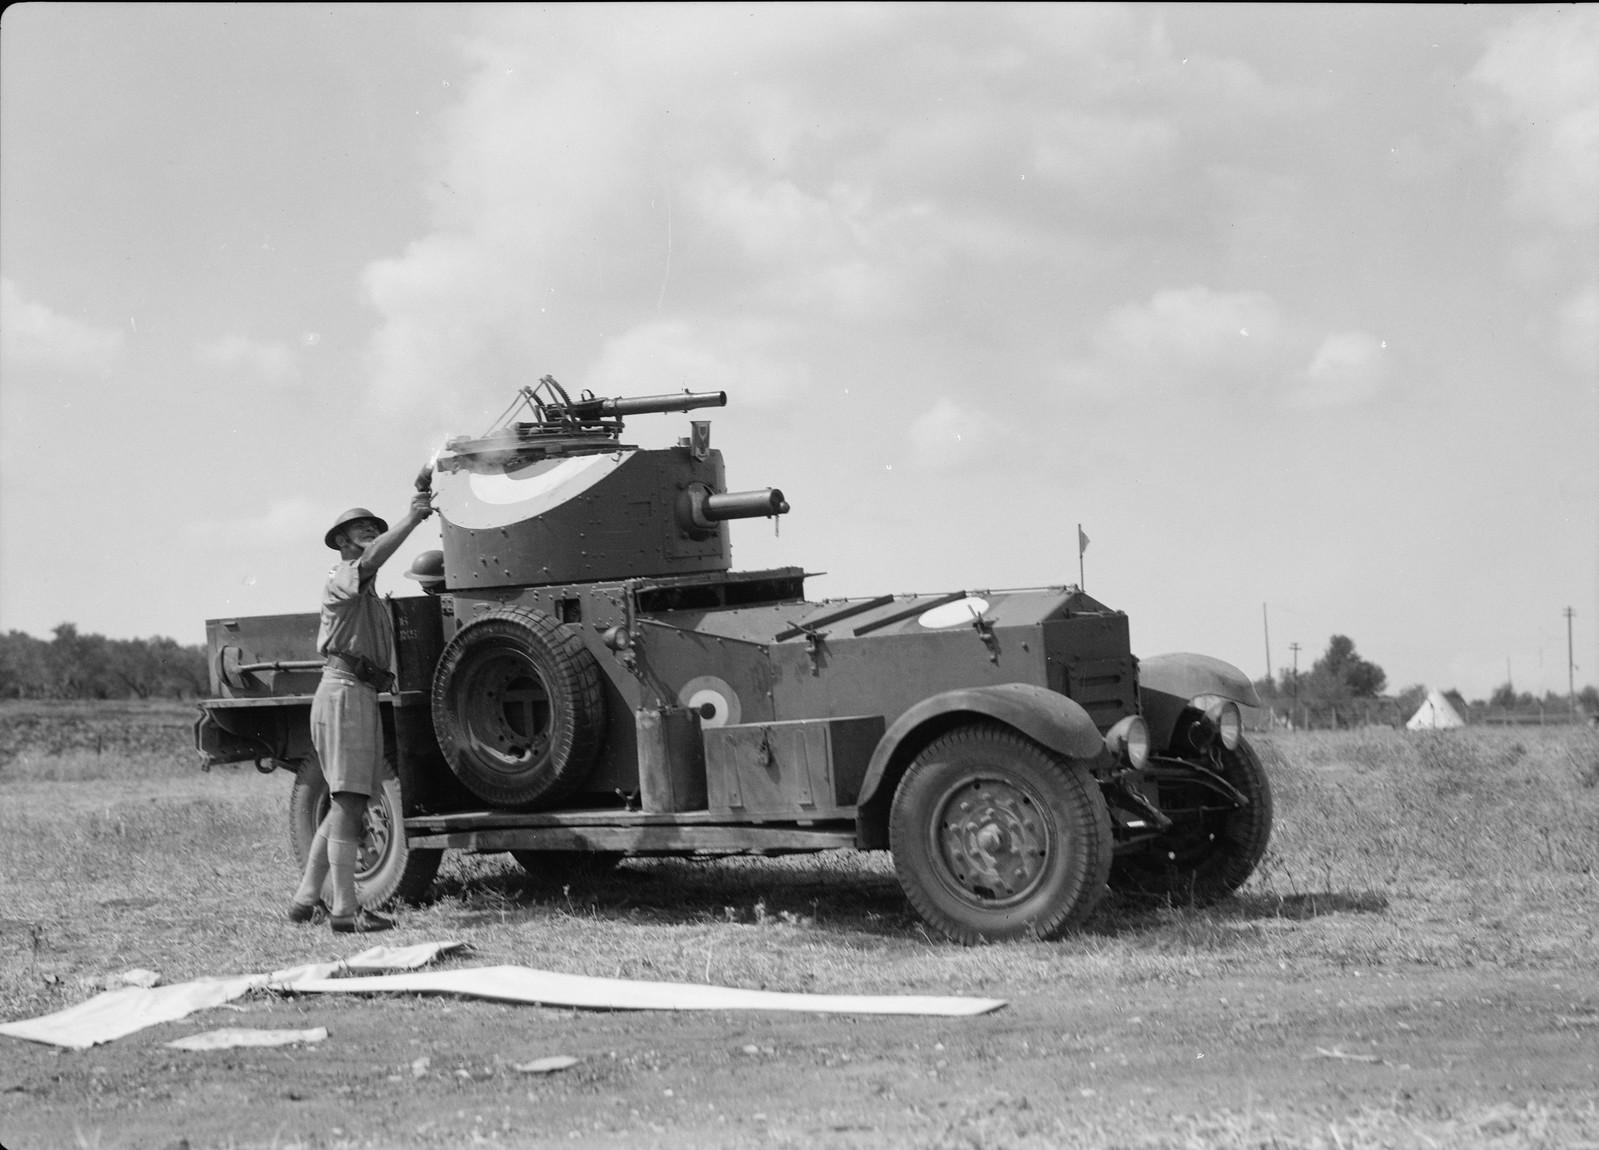 11. Офицер возле бронетранспортера запускает осветительную ракету